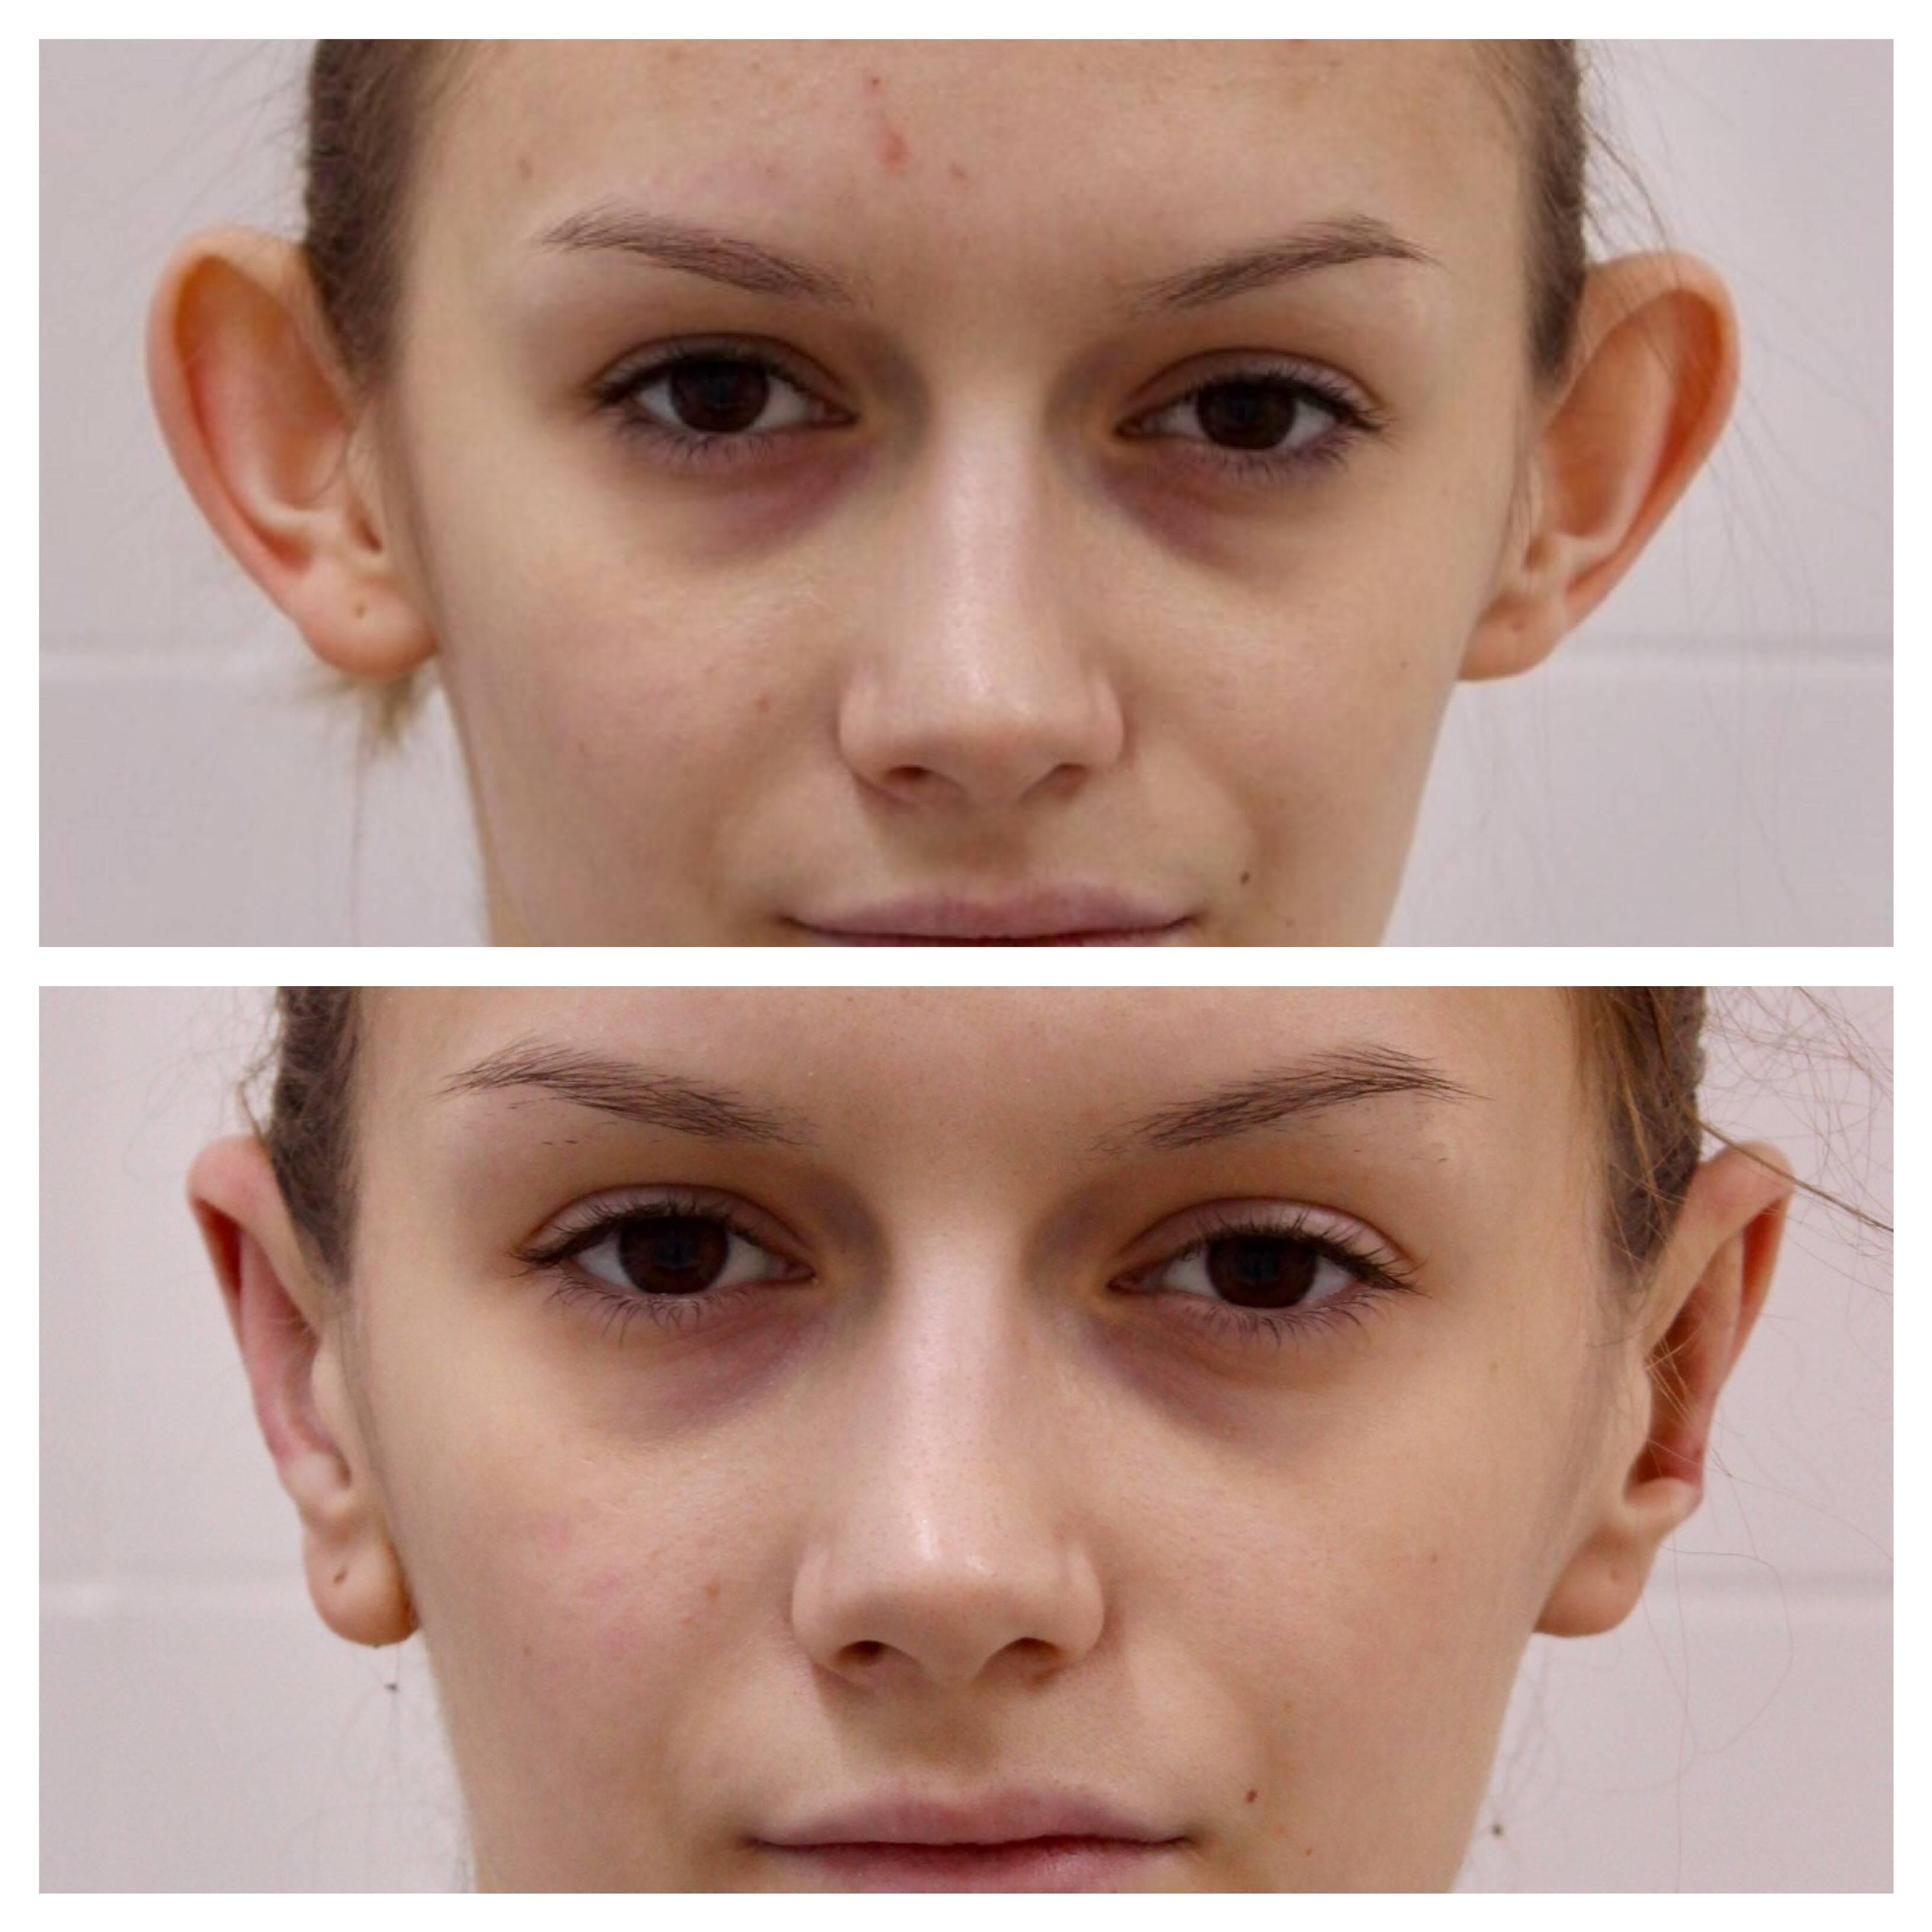 Можно ли избавиться от лопоухости. лопоухие уши – как исправить без операции в домашних условиях. операция по устранению лопоухости